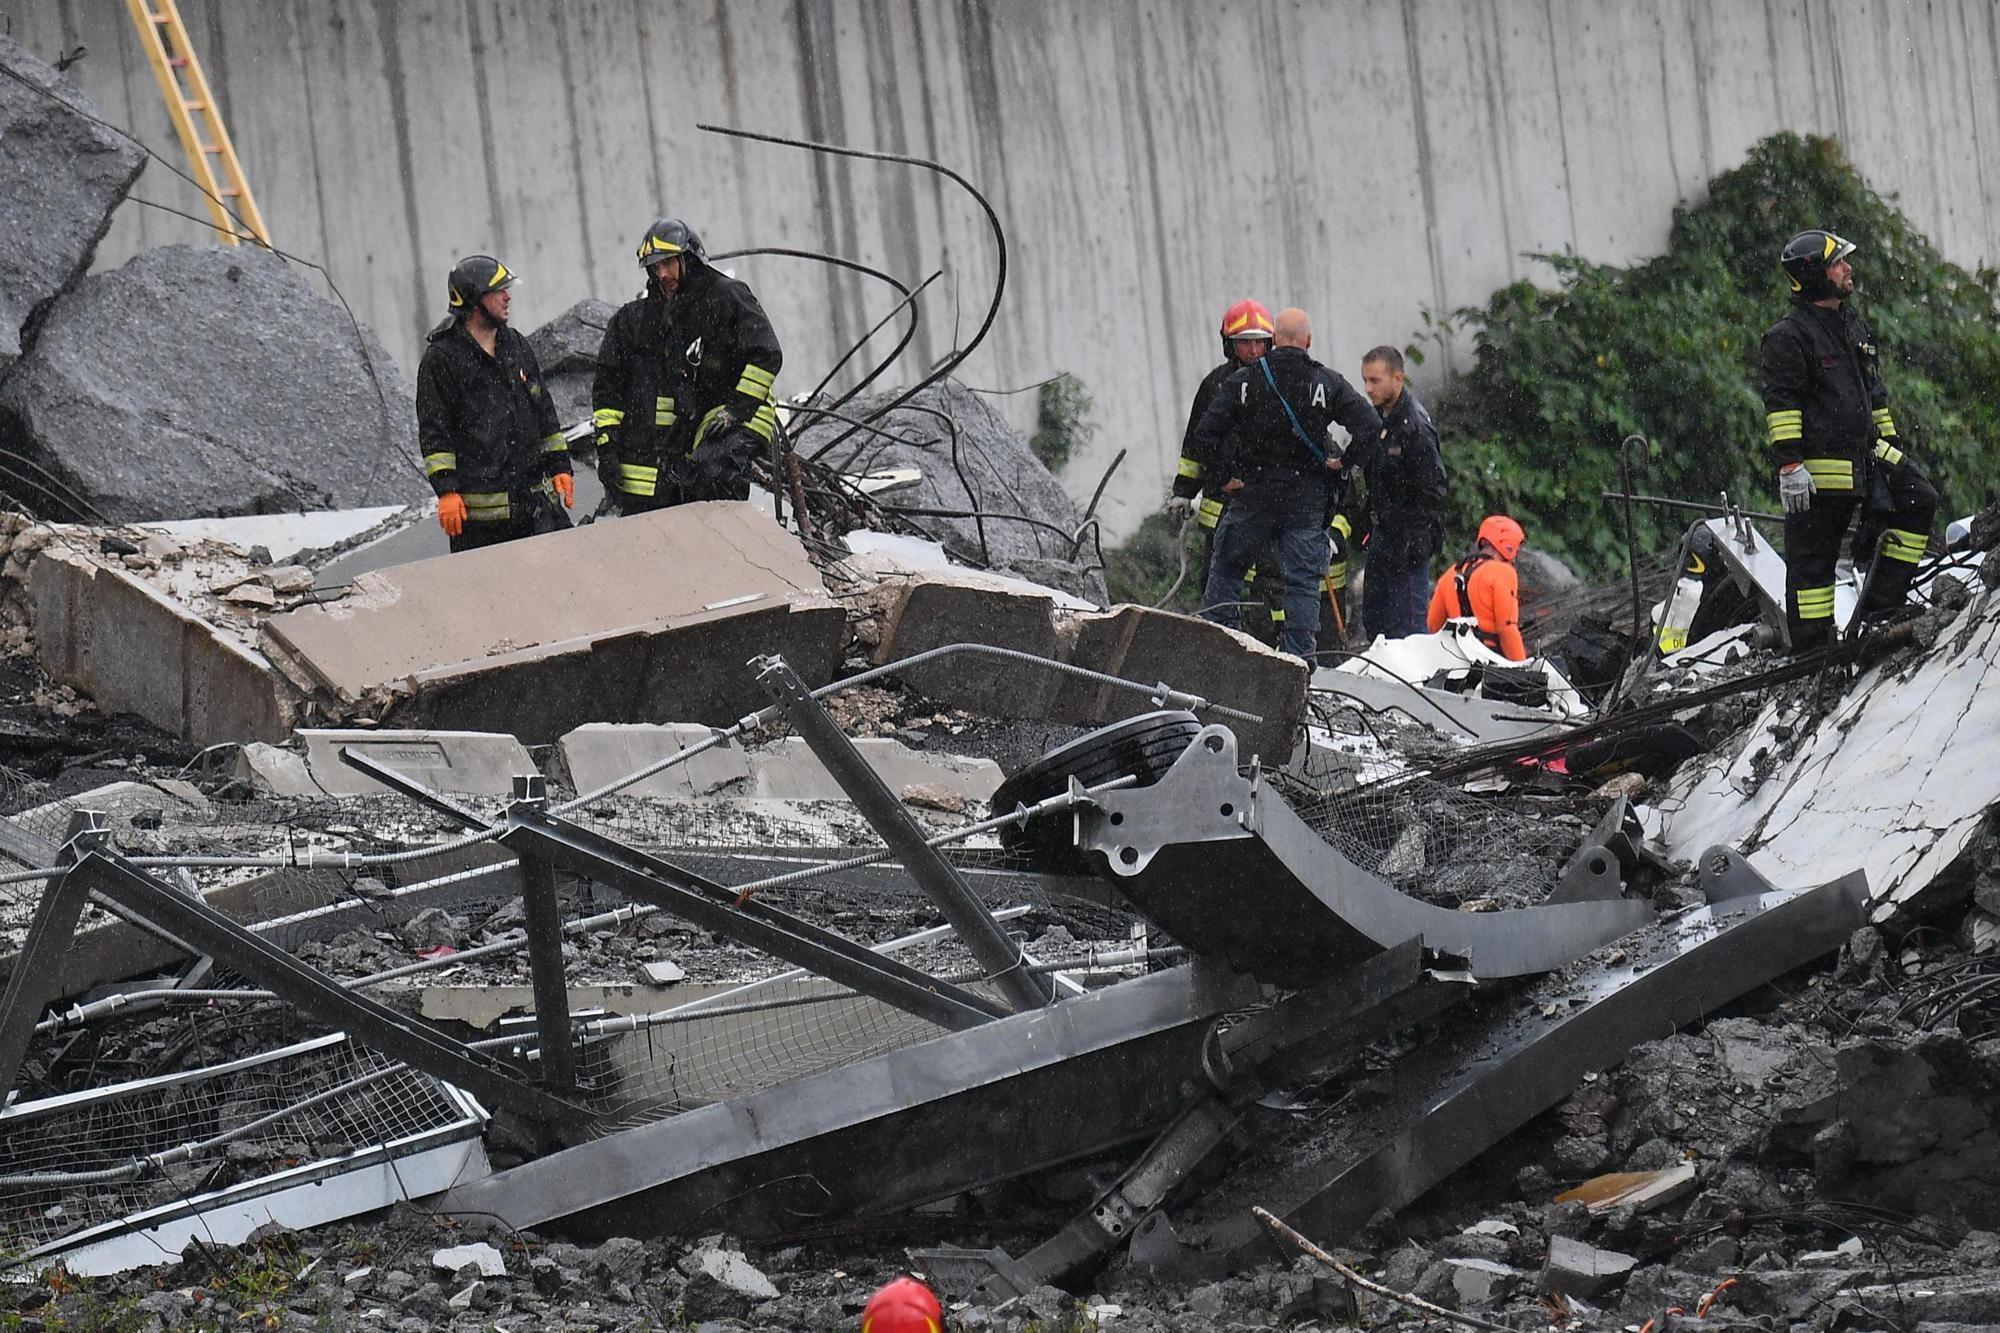 이탈리아 제노바에서 다리가 무너져 최소 22명이